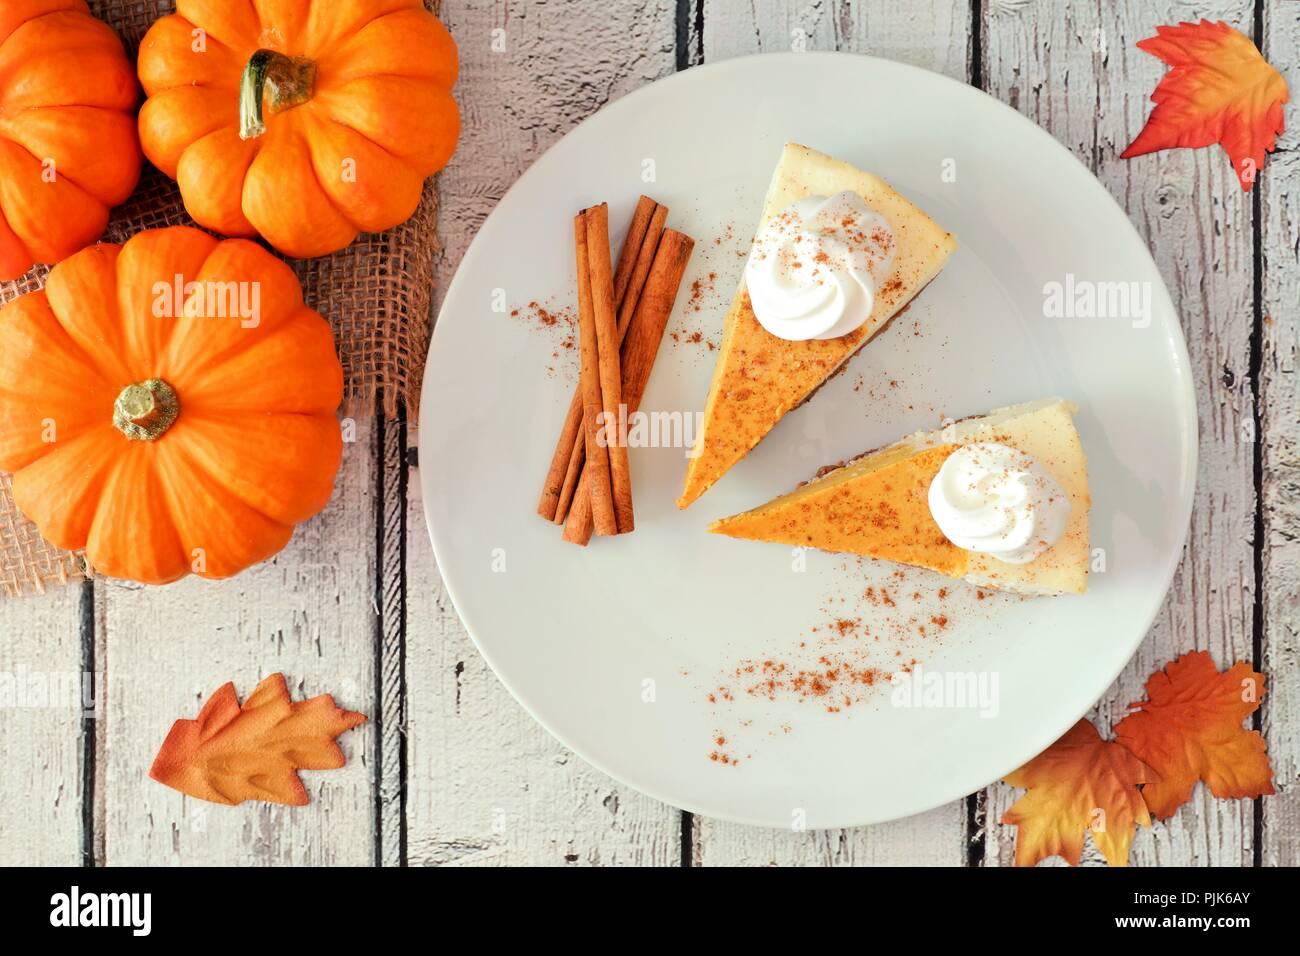 Piastra con due fette di zucca cheesecake con panna montata, vista aerea su un bianco sullo sfondo di legno Immagini Stock